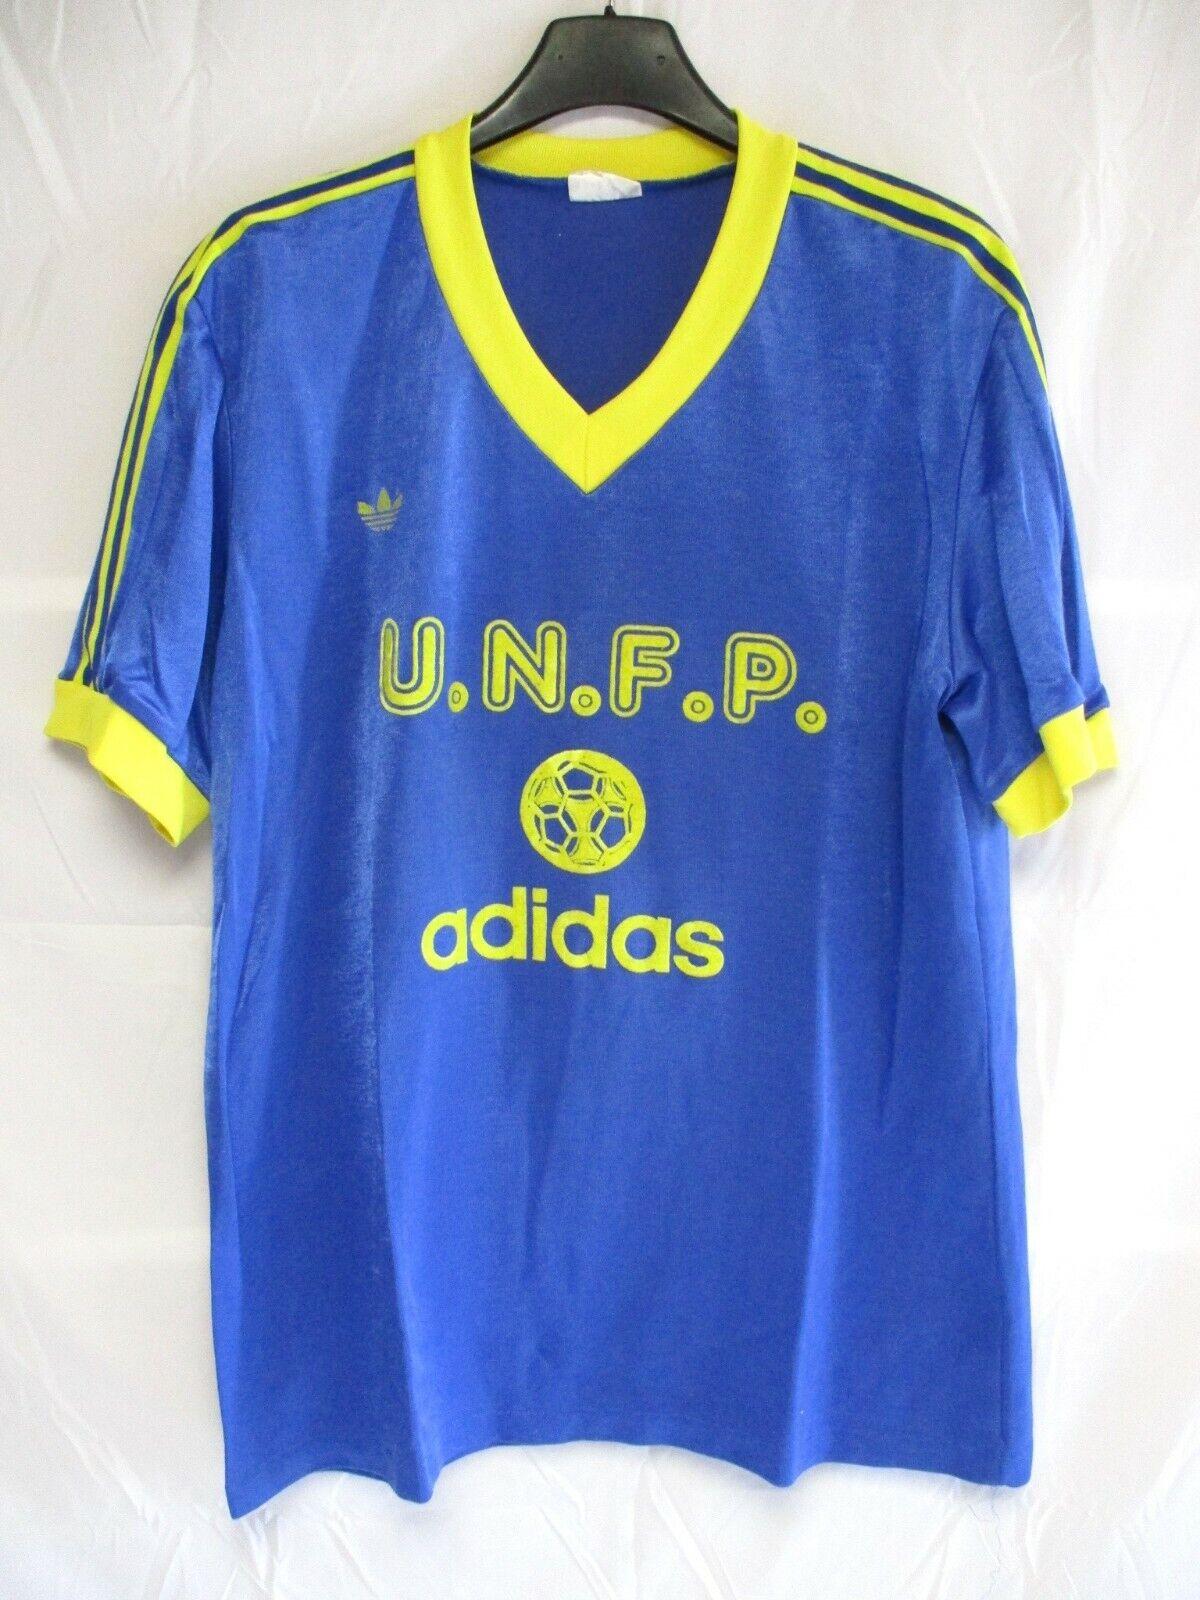 Maillot F.C SOCHAUX training U.N.F.P ADIDAS vintage shirt trikot Ventex maglia L